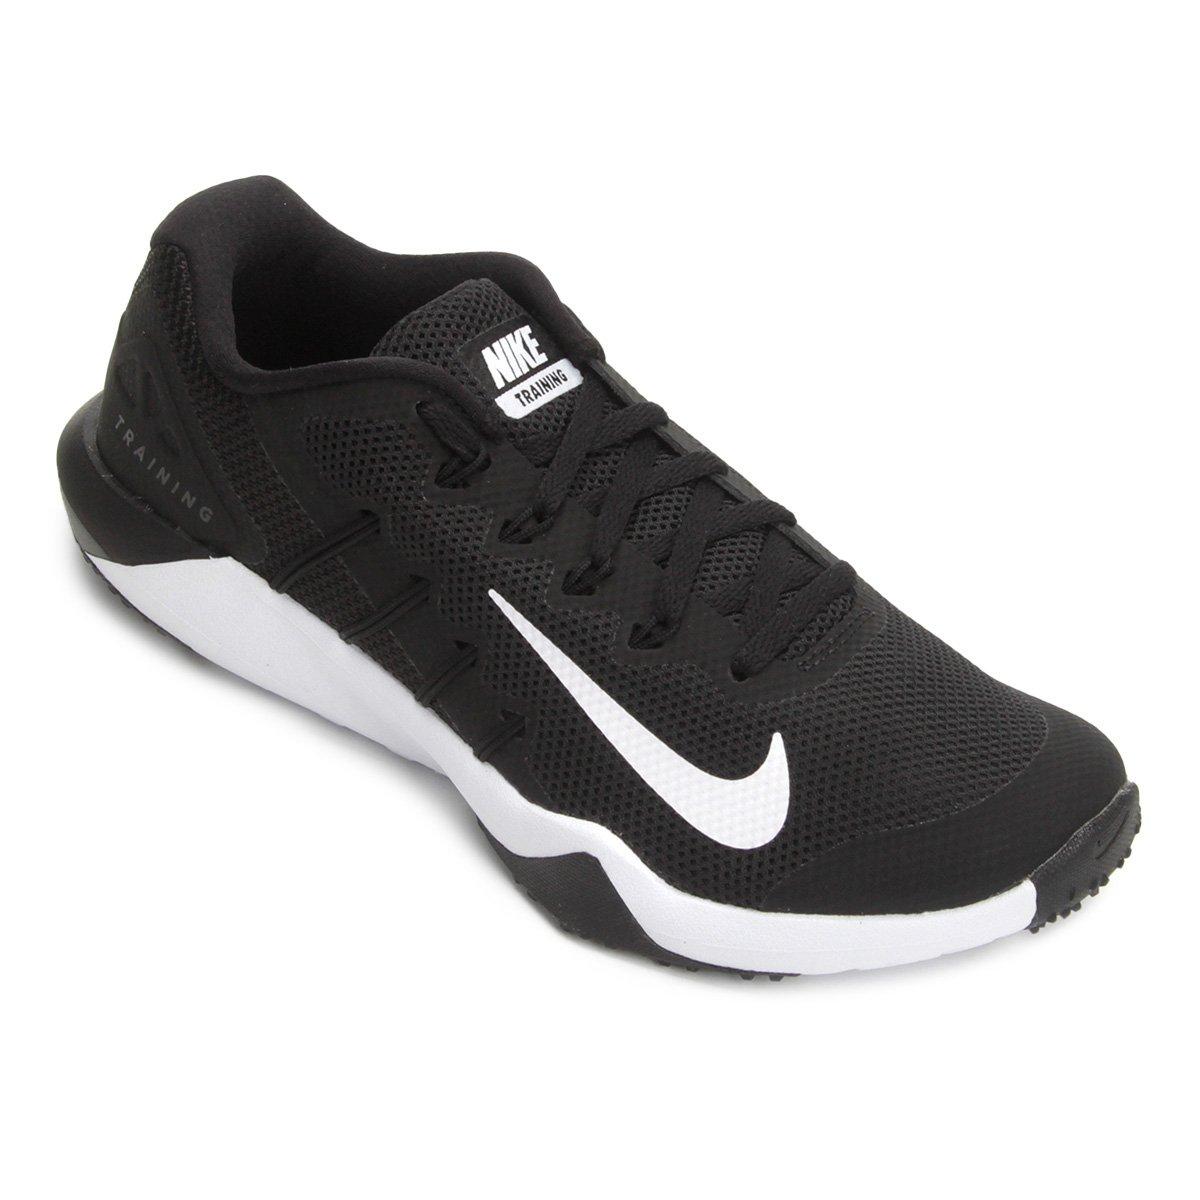 eaa3e975bc51c Tênis Nike Retaliation Tr 2 Masculino - Preto e Branco - Compre Agora